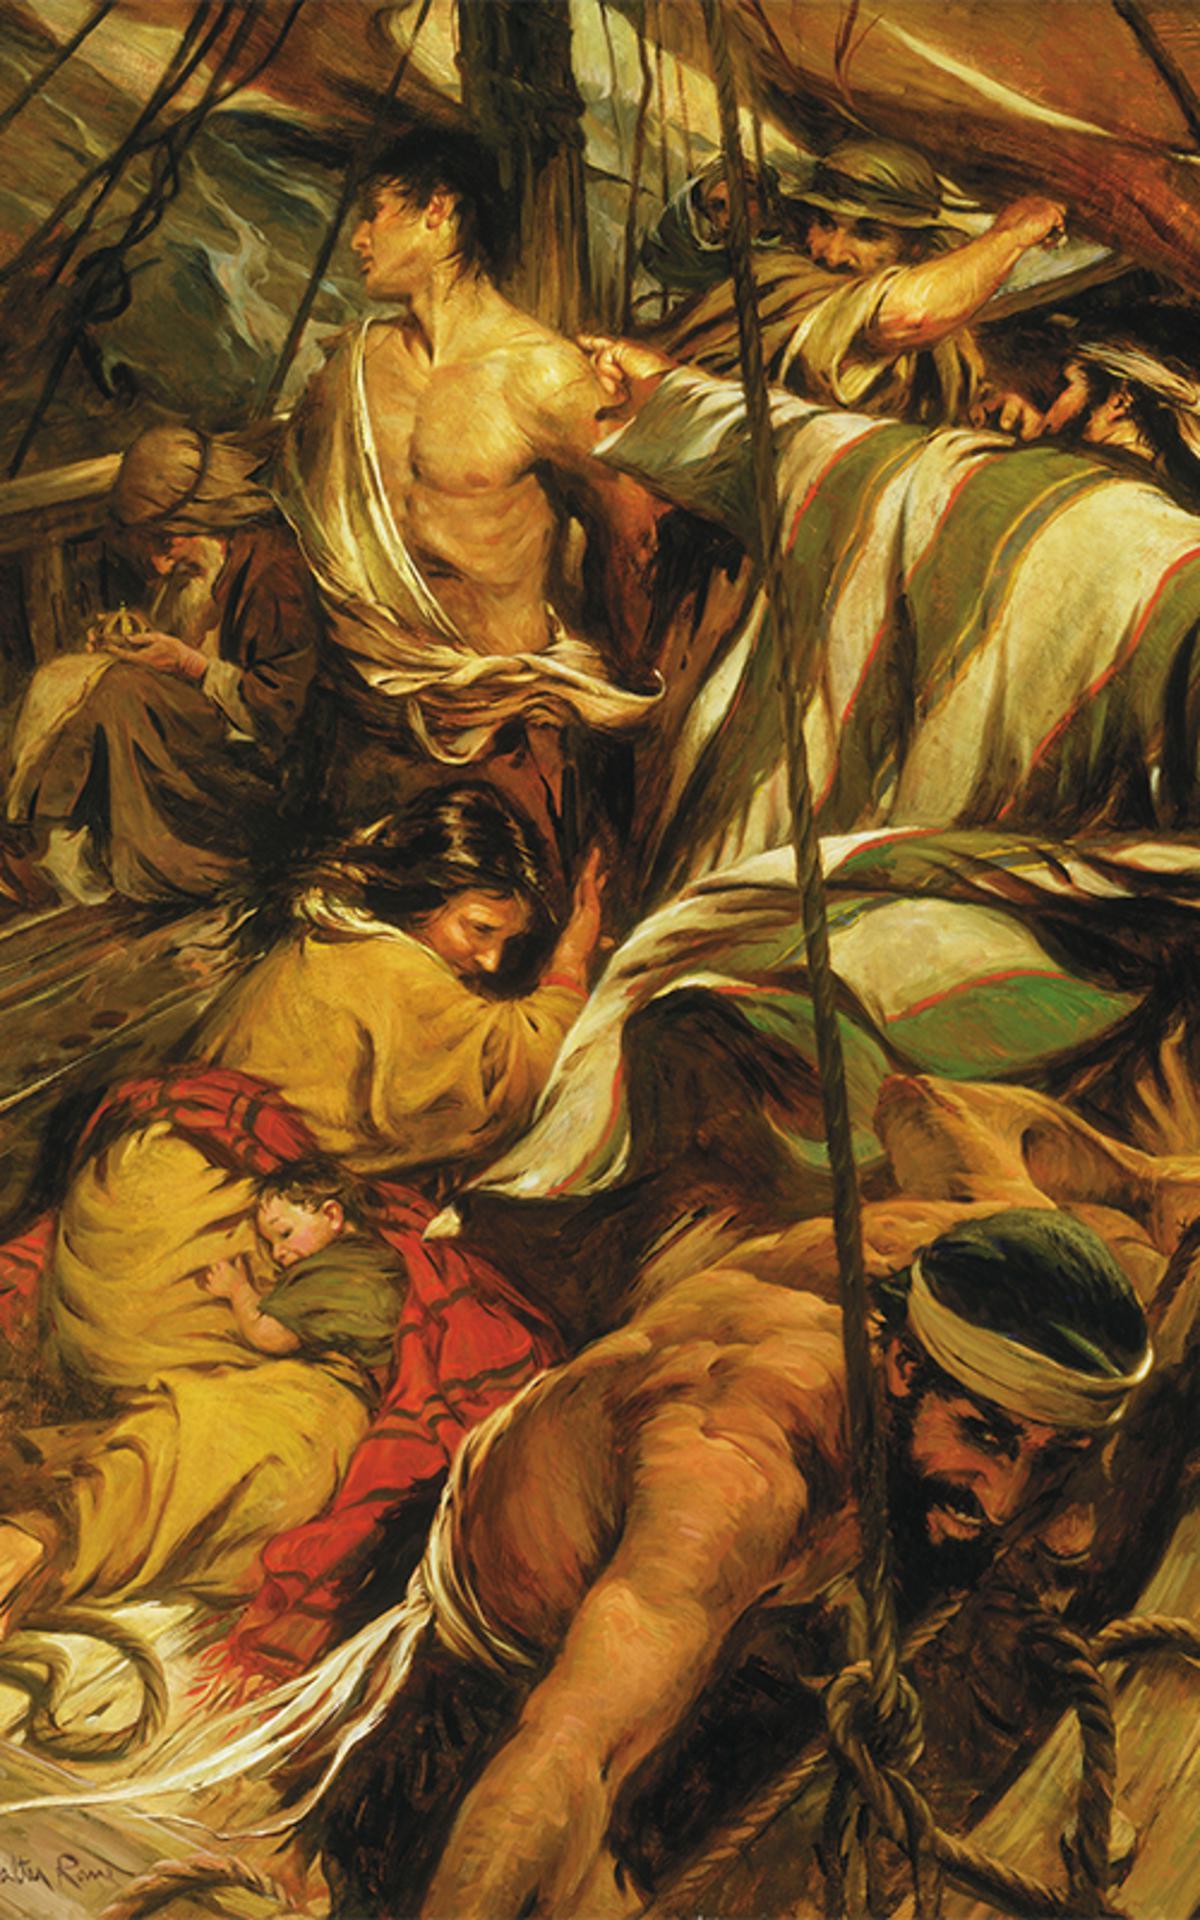 Auf der Überfahrt nach Amerika wird Nephi von seinen Brüdern gefesselt und misshandelt. Dennoch murrte er nicht, sondern lobte Gott.